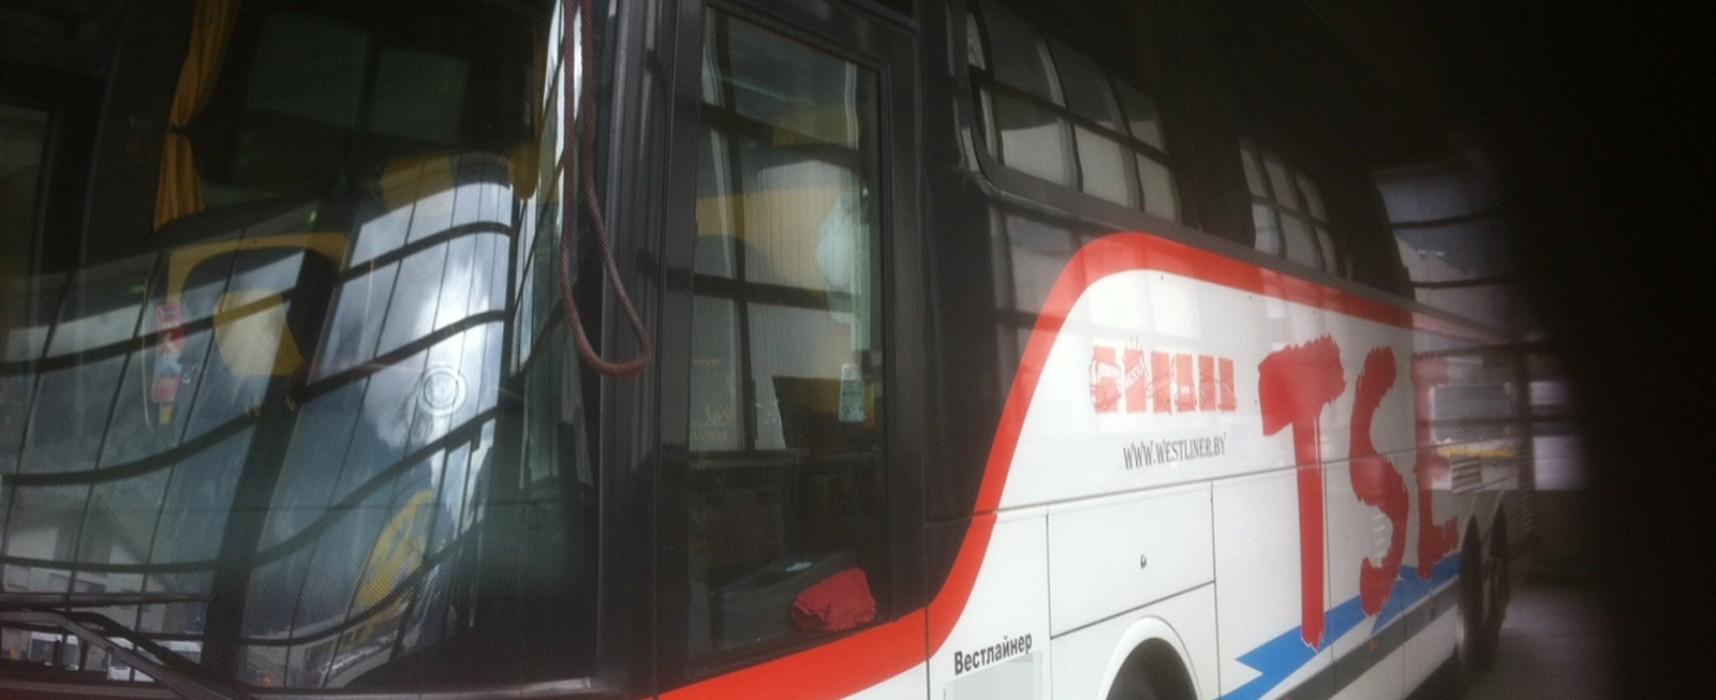 Rodels/Unterrealta: Reisecar stillgelegt